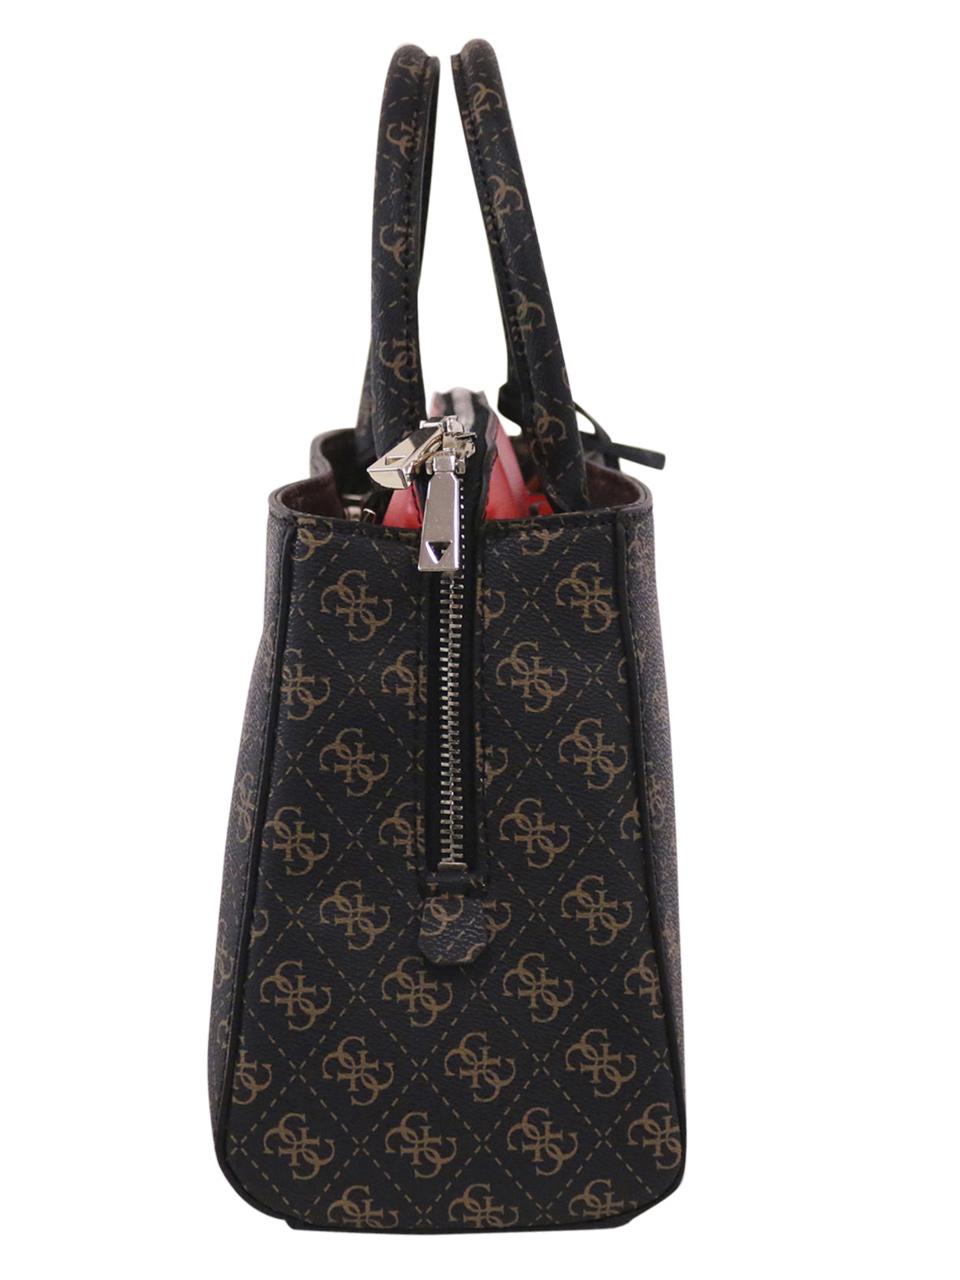 Details about Guess Women's Maddy Girlfriend Satchel Handbag